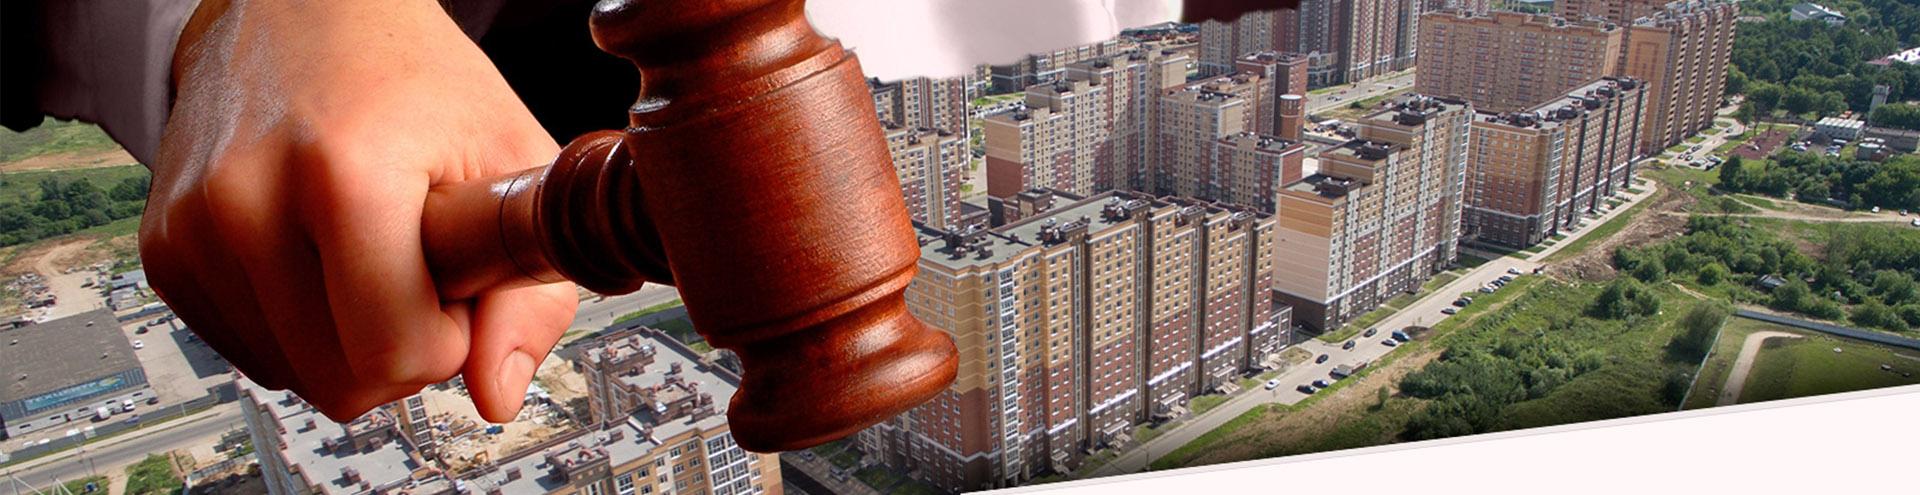 Суд с застройщиком в Челябинске и Челябинской области